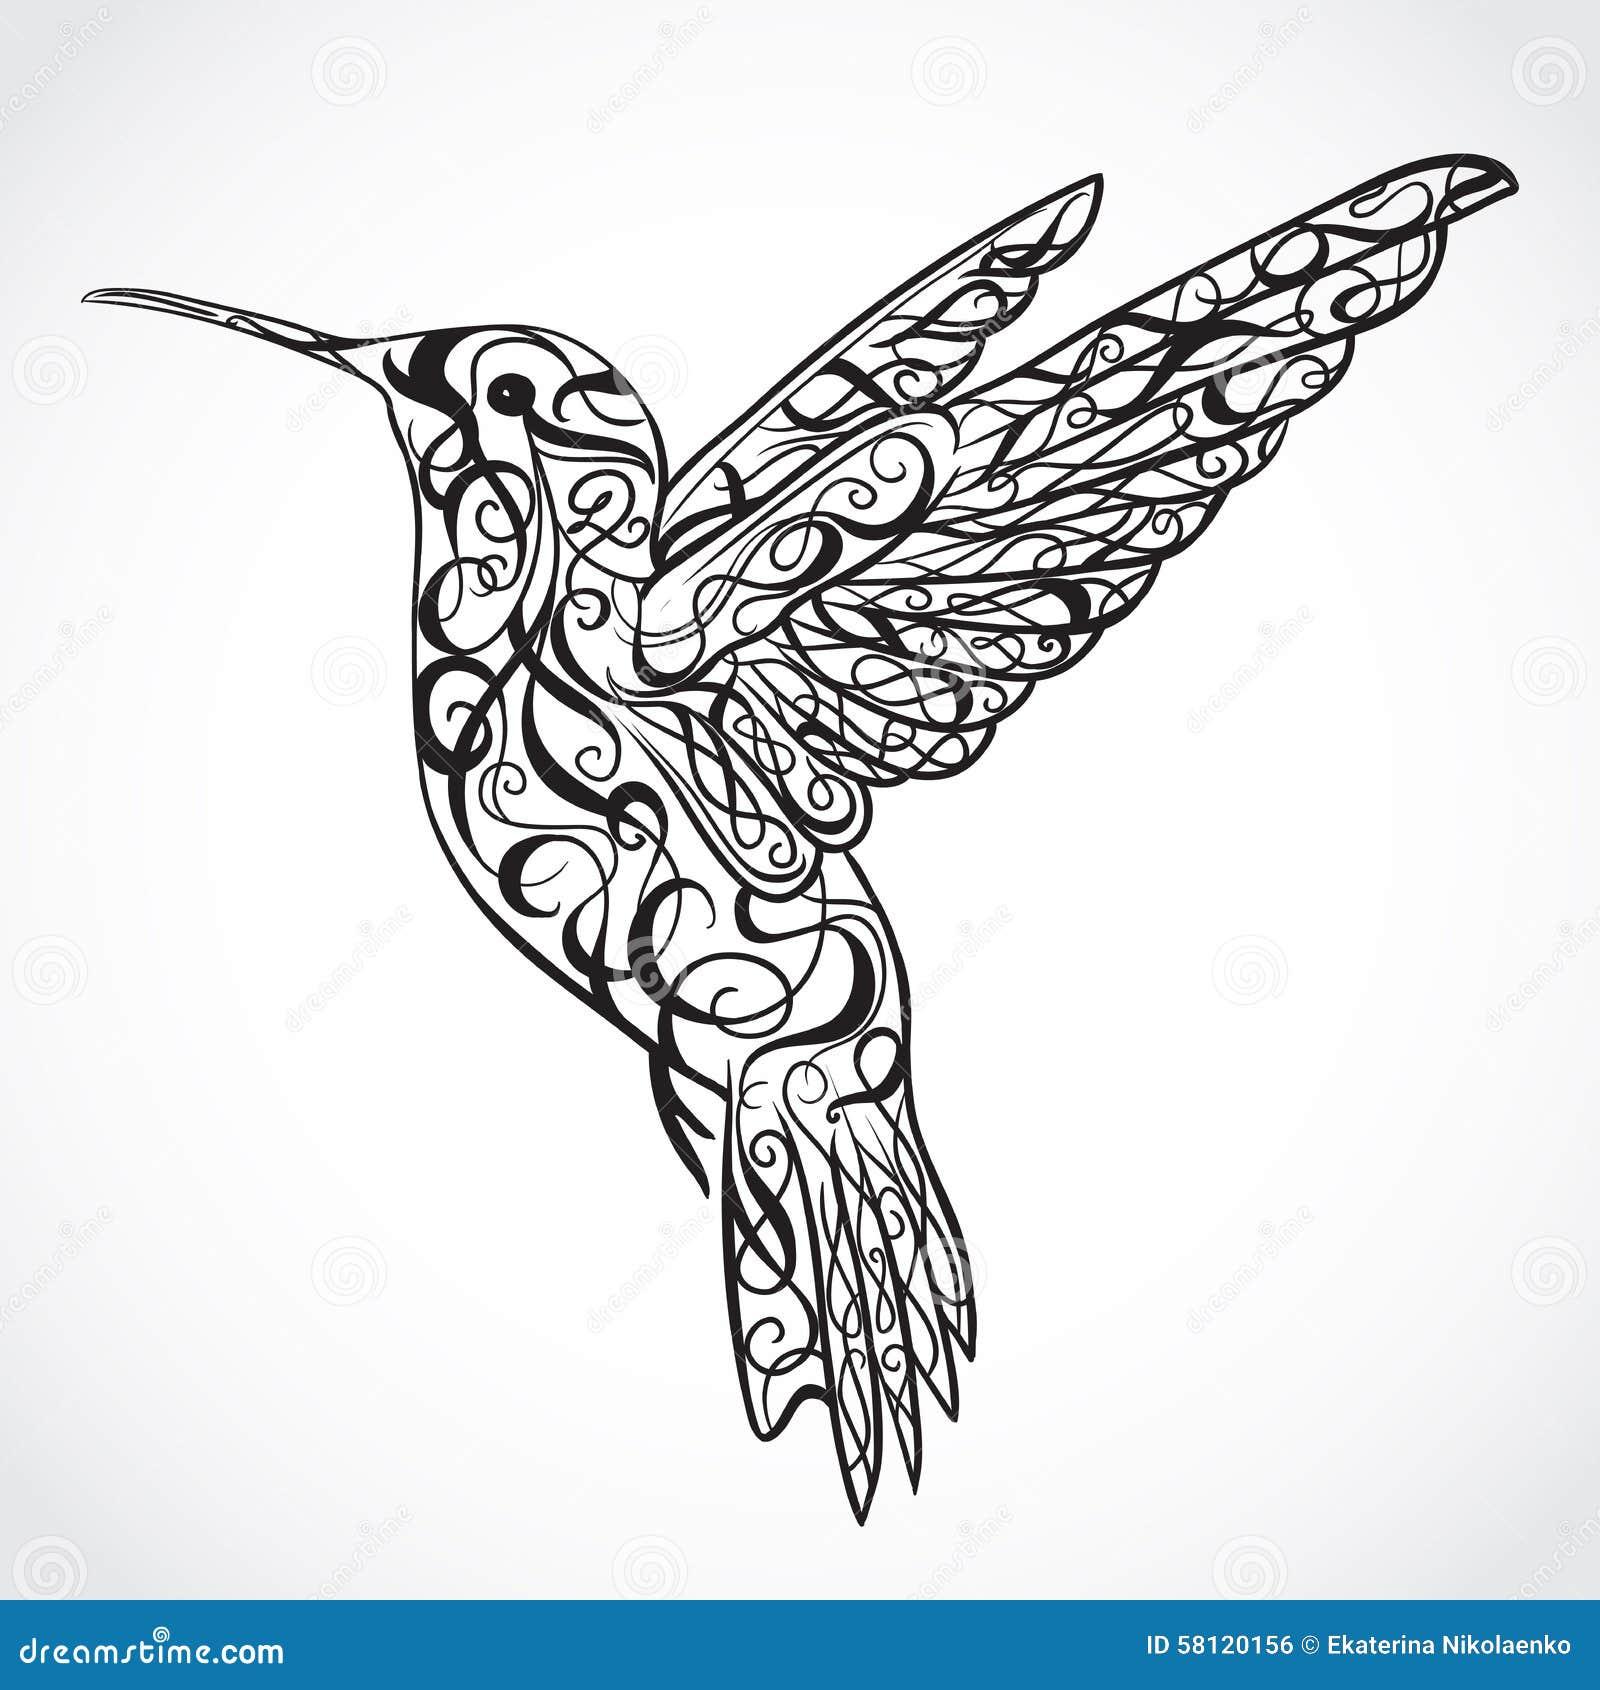 Hummingbird Ilustraciones Stock Vectores Y Clipart 4591